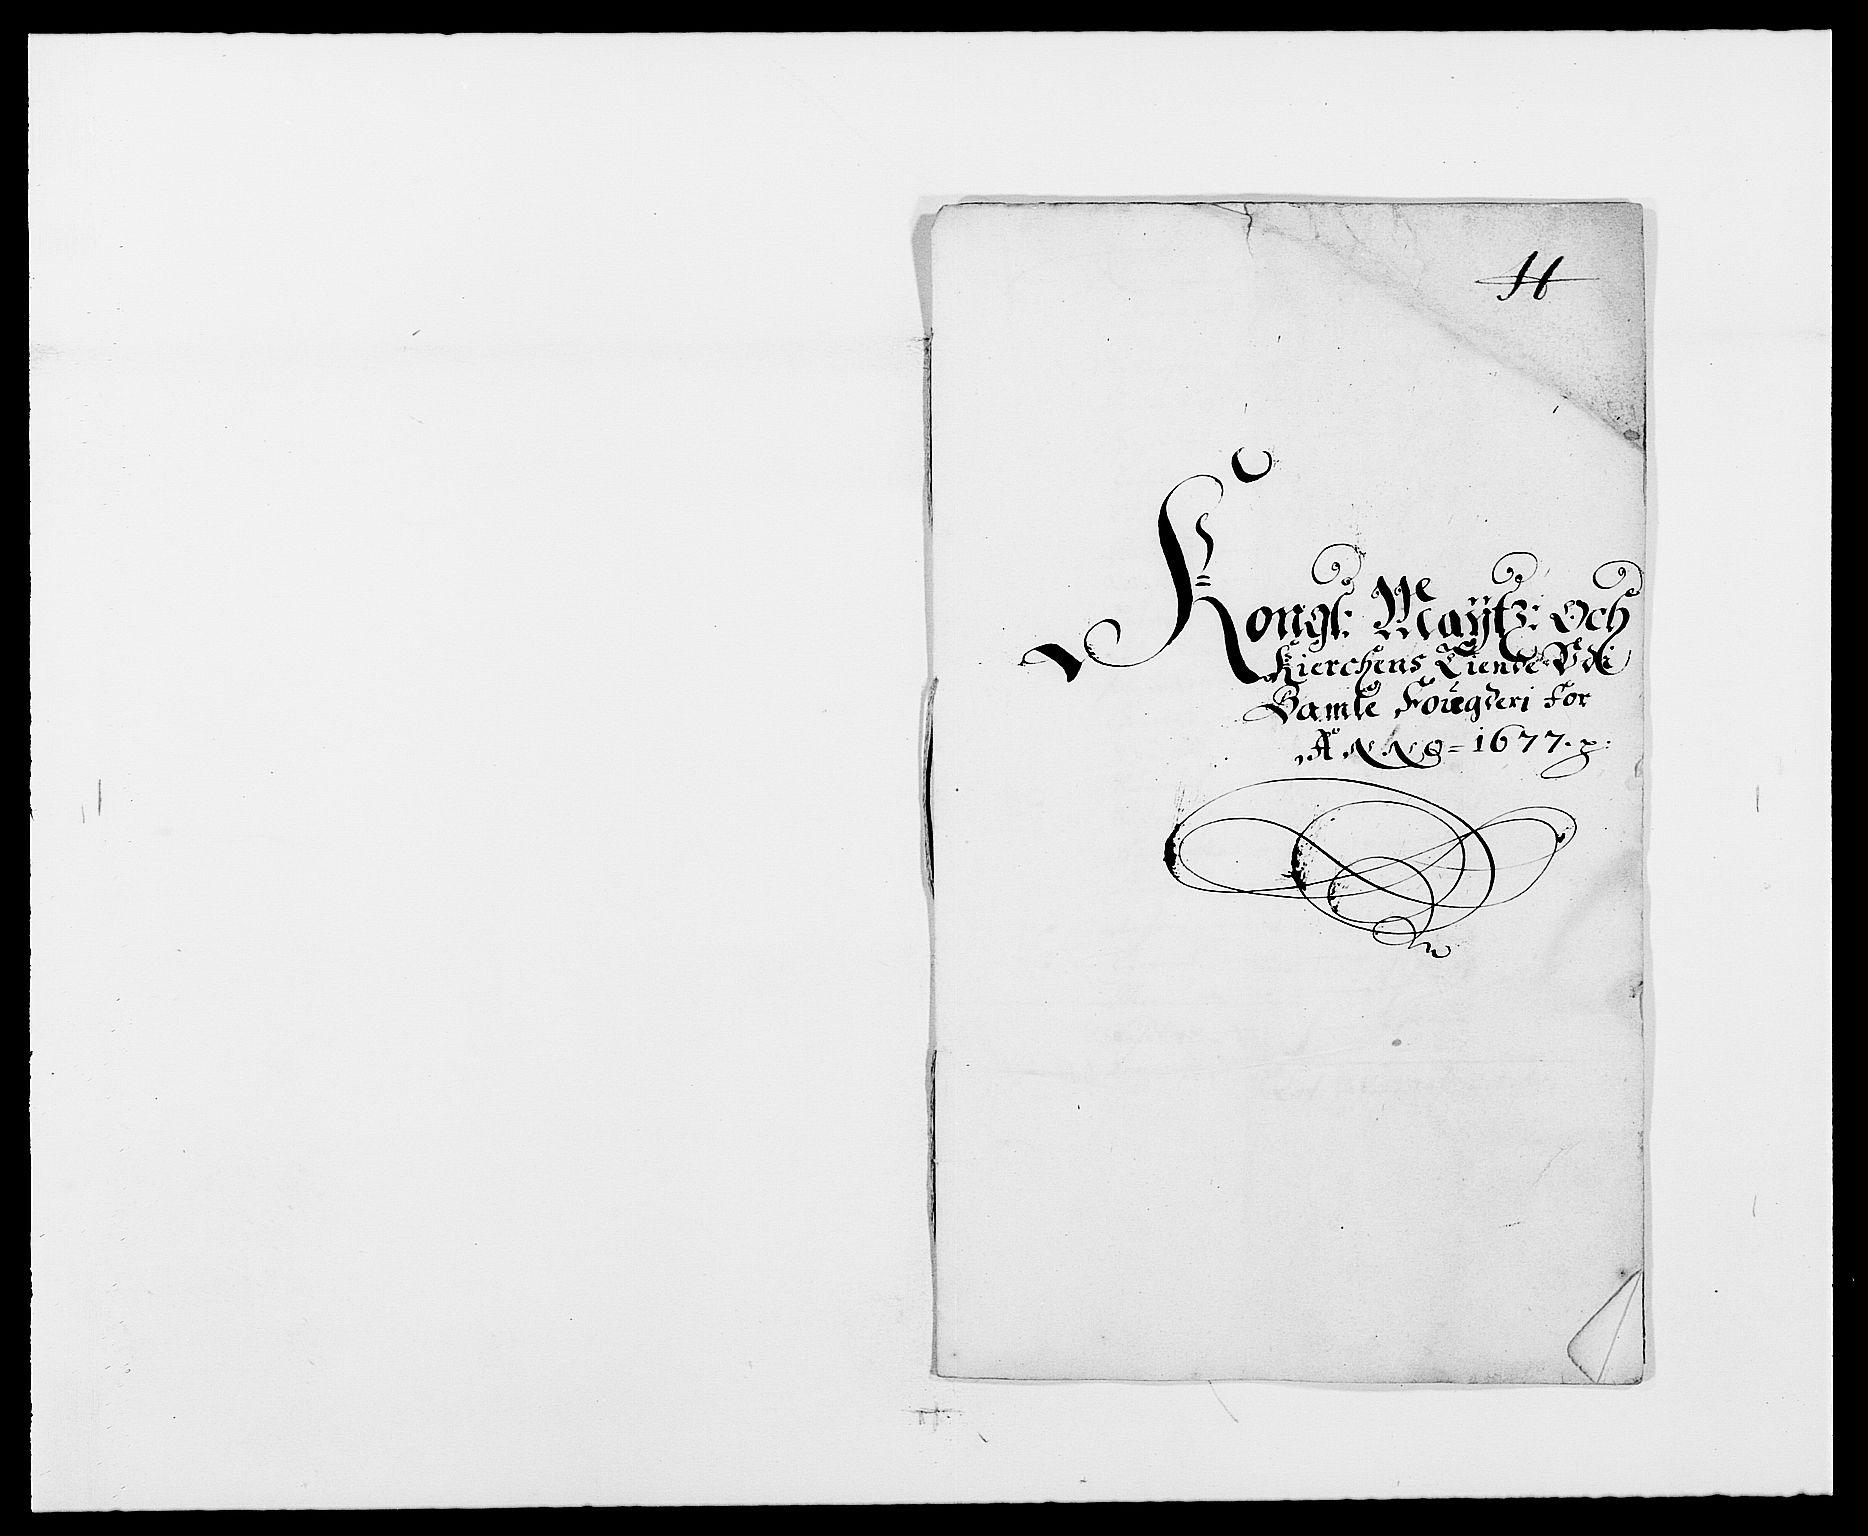 RA, Rentekammeret inntil 1814, Reviderte regnskaper, Fogderegnskap, R34/L2043: Fogderegnskap Bamble, 1676-1677, s. 448